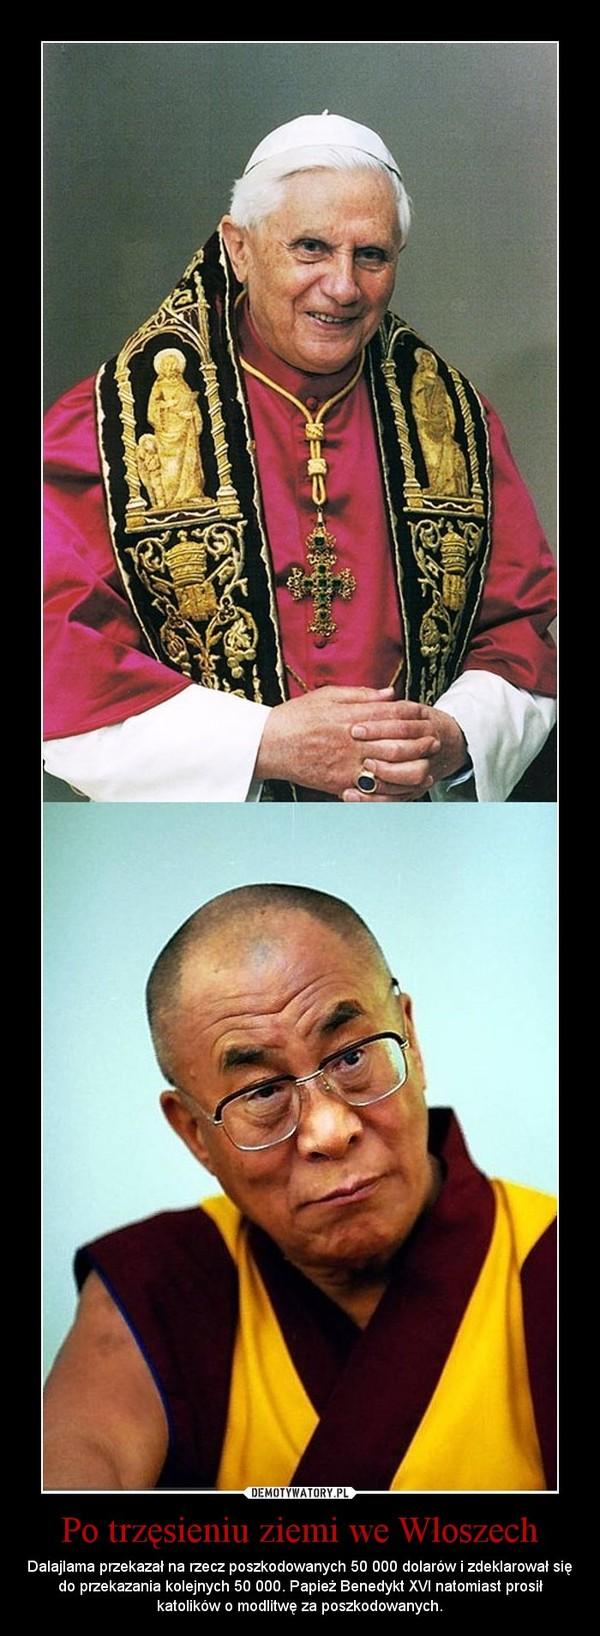 Po trzęsieniu ziemi we Włoszech – Dalajlama przekazał na rzecz poszkodowanych 50 000 dolarów i zdeklarował się do przekazania kolejnych 50 000. Papież Benedykt XVI natomiast prosił katolików o modlitwę za poszkodowanych.